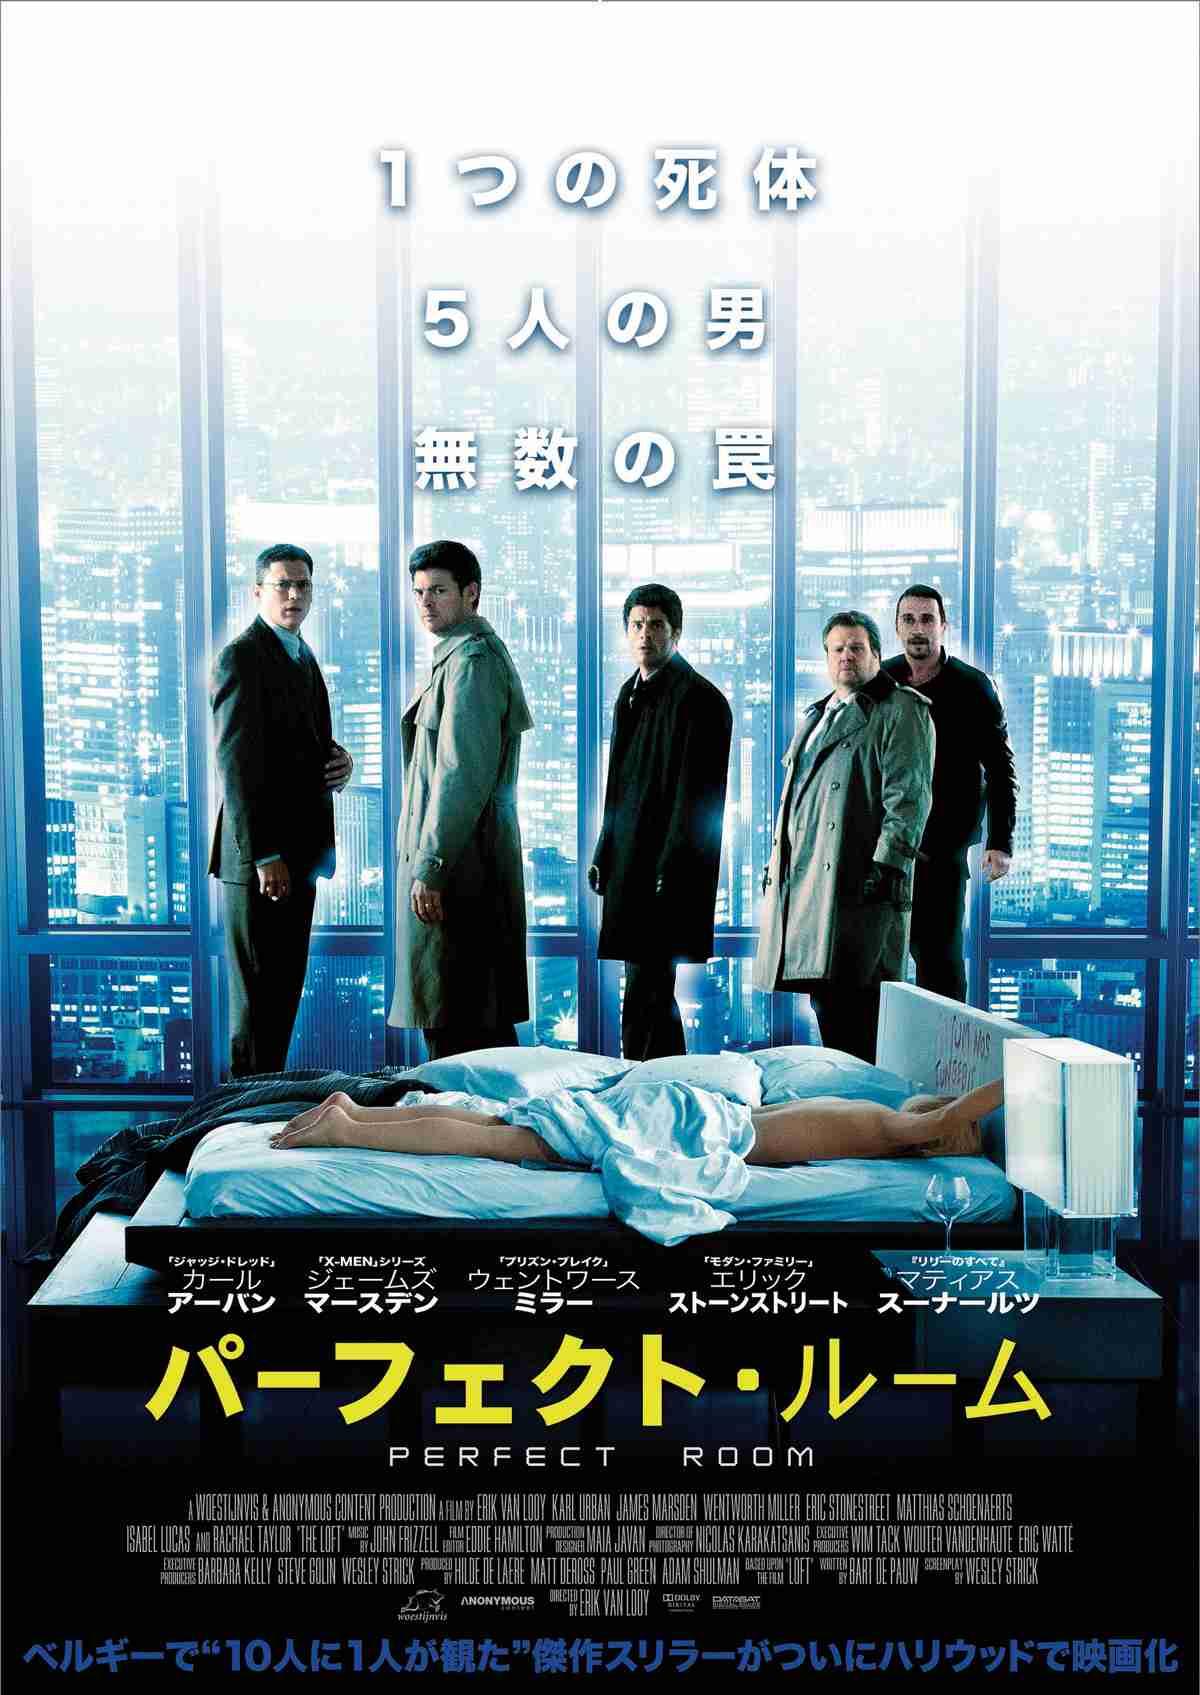 パーフェクト・ルーム - 作品 - Yahoo!映画